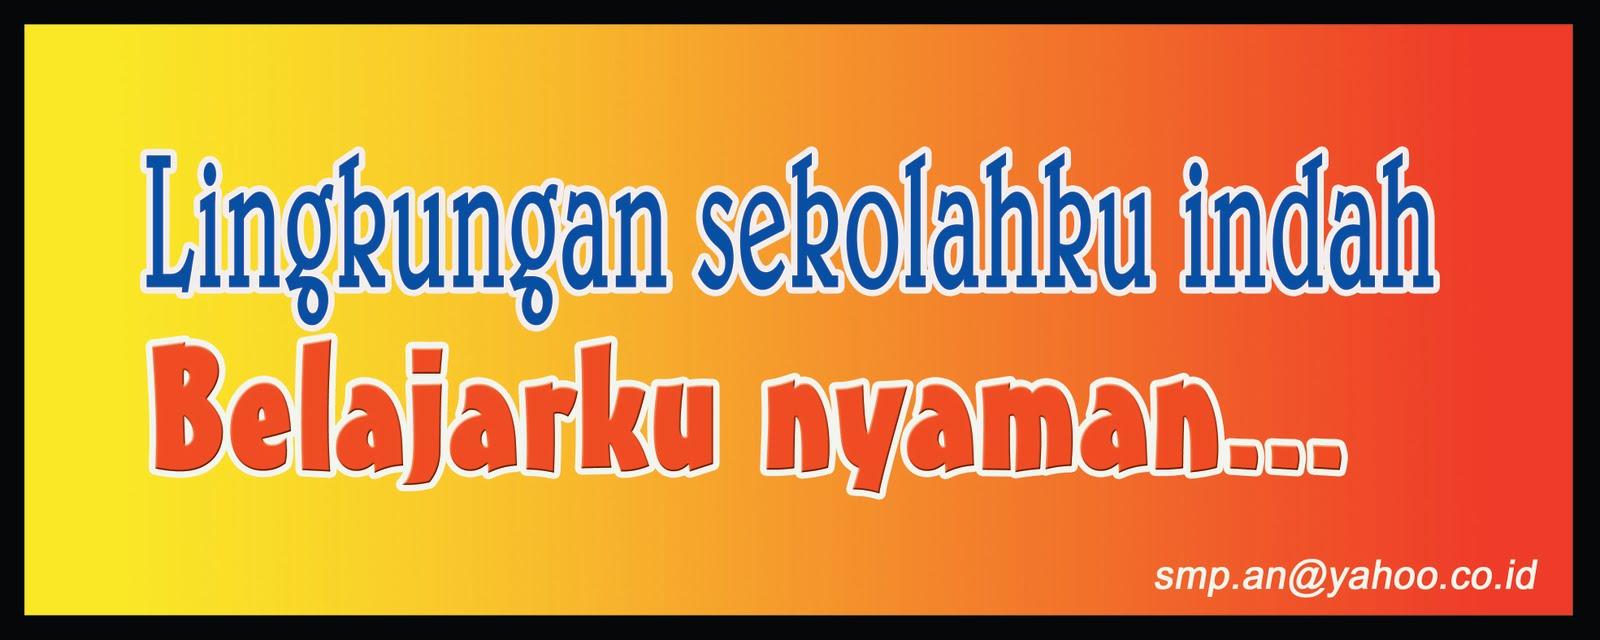 SMP AN for US: MACAM-MACAM HIASAN UNTUK DINDING KELAS